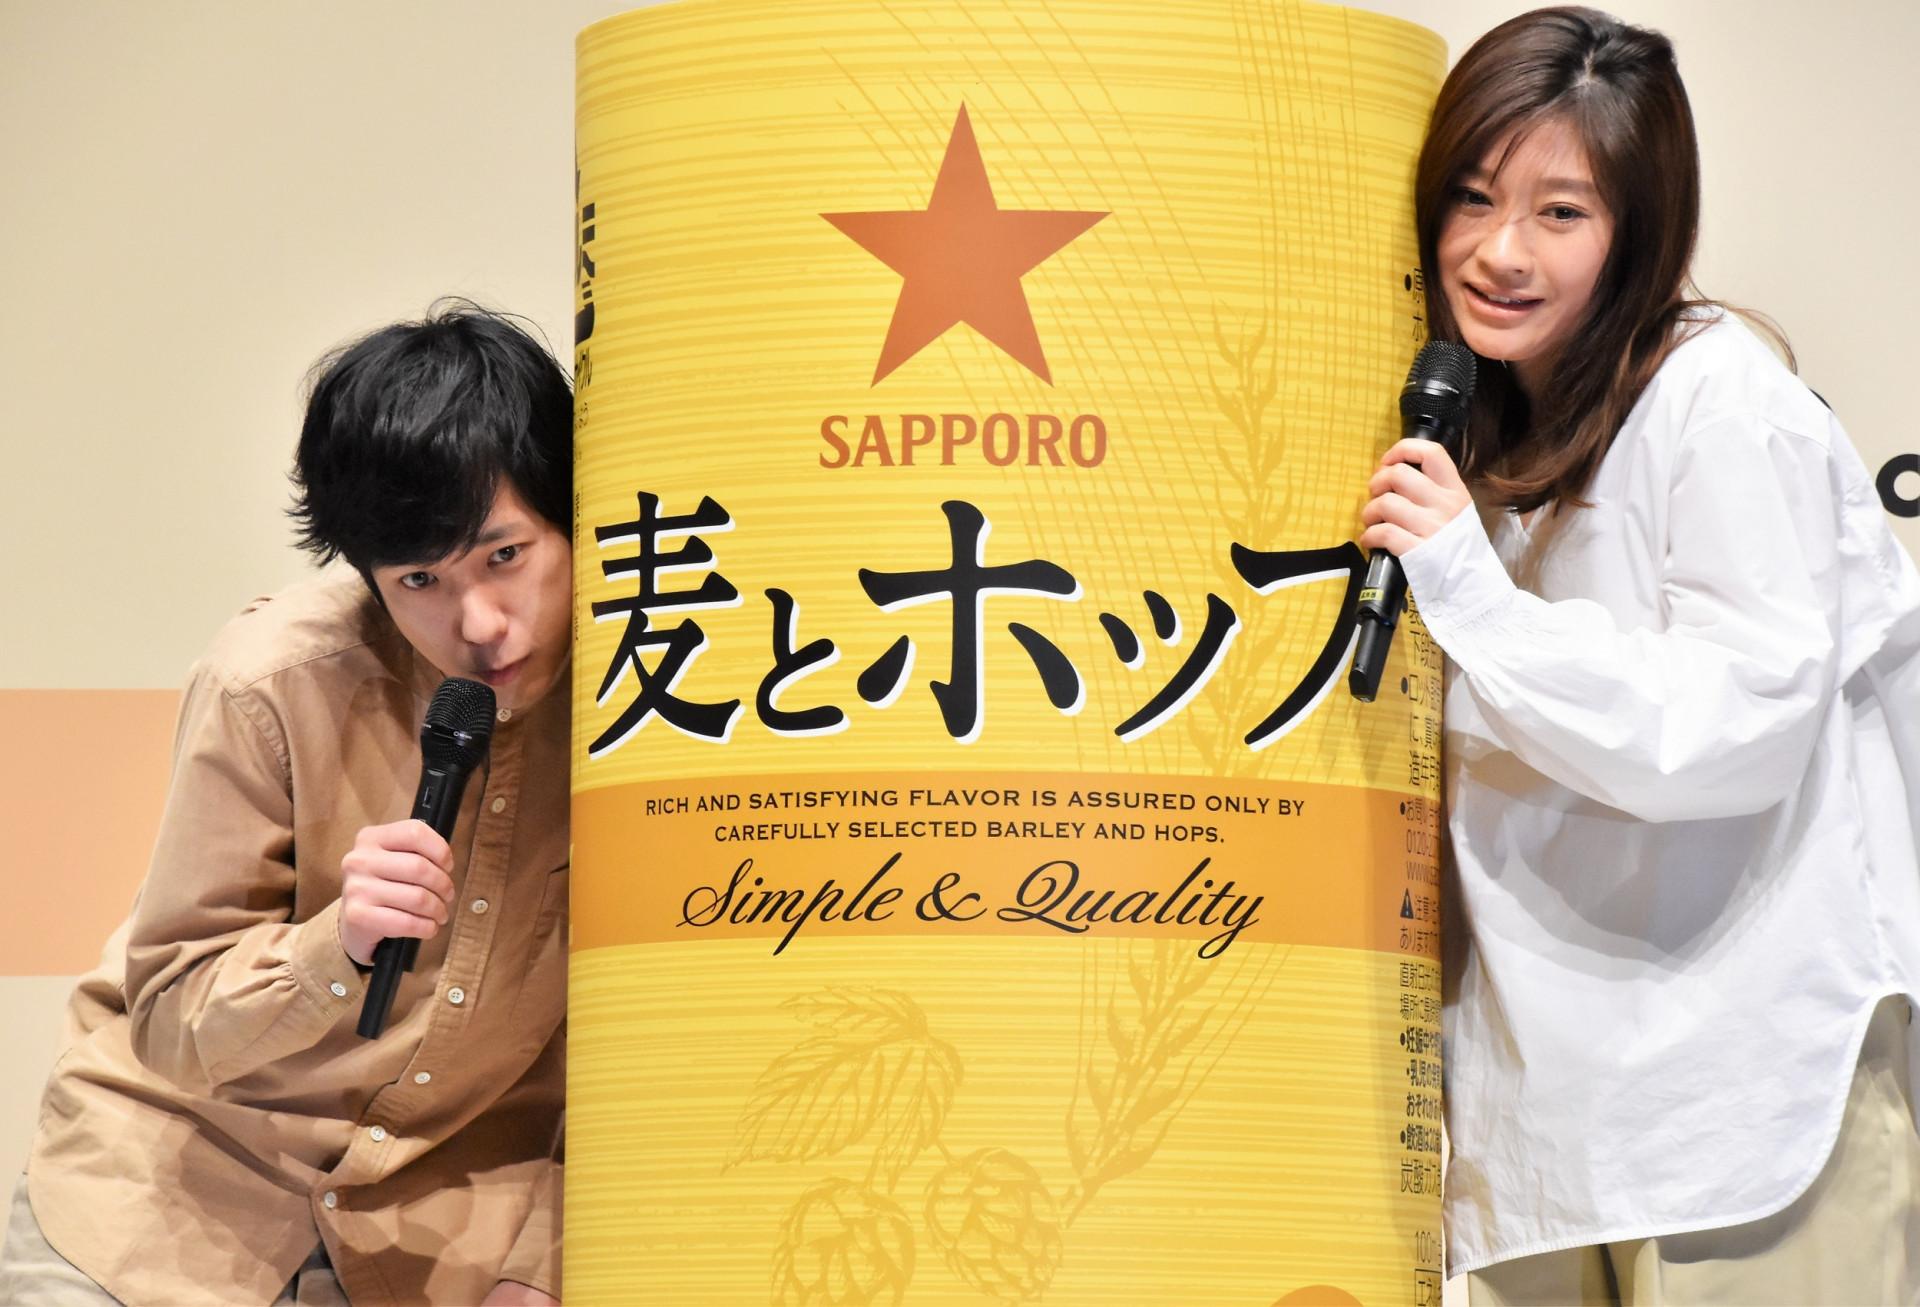 9661a44c23 嵐の二宮和也さんが、今度は『サッポロ 麦とホップ』の新CMキャラクターに就任! 3月6日より、篠原涼子さんの新CMとともに全国オンエアがスタートします。